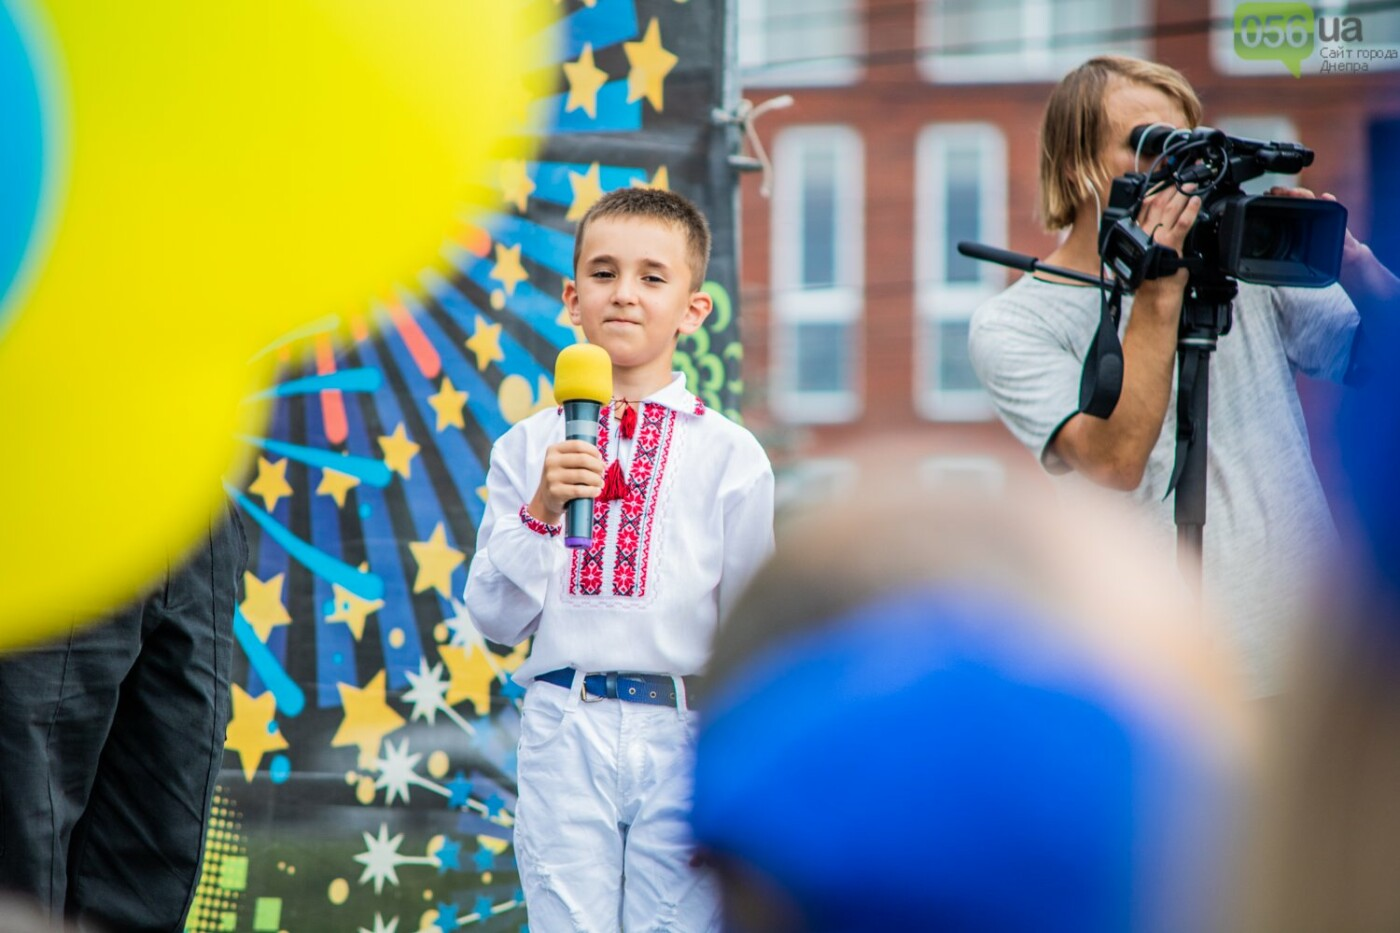 В Днепре устроили красочный флешмоб ко Дню Конституции, - ФОТОРЕПОРТАЖ, фото-1